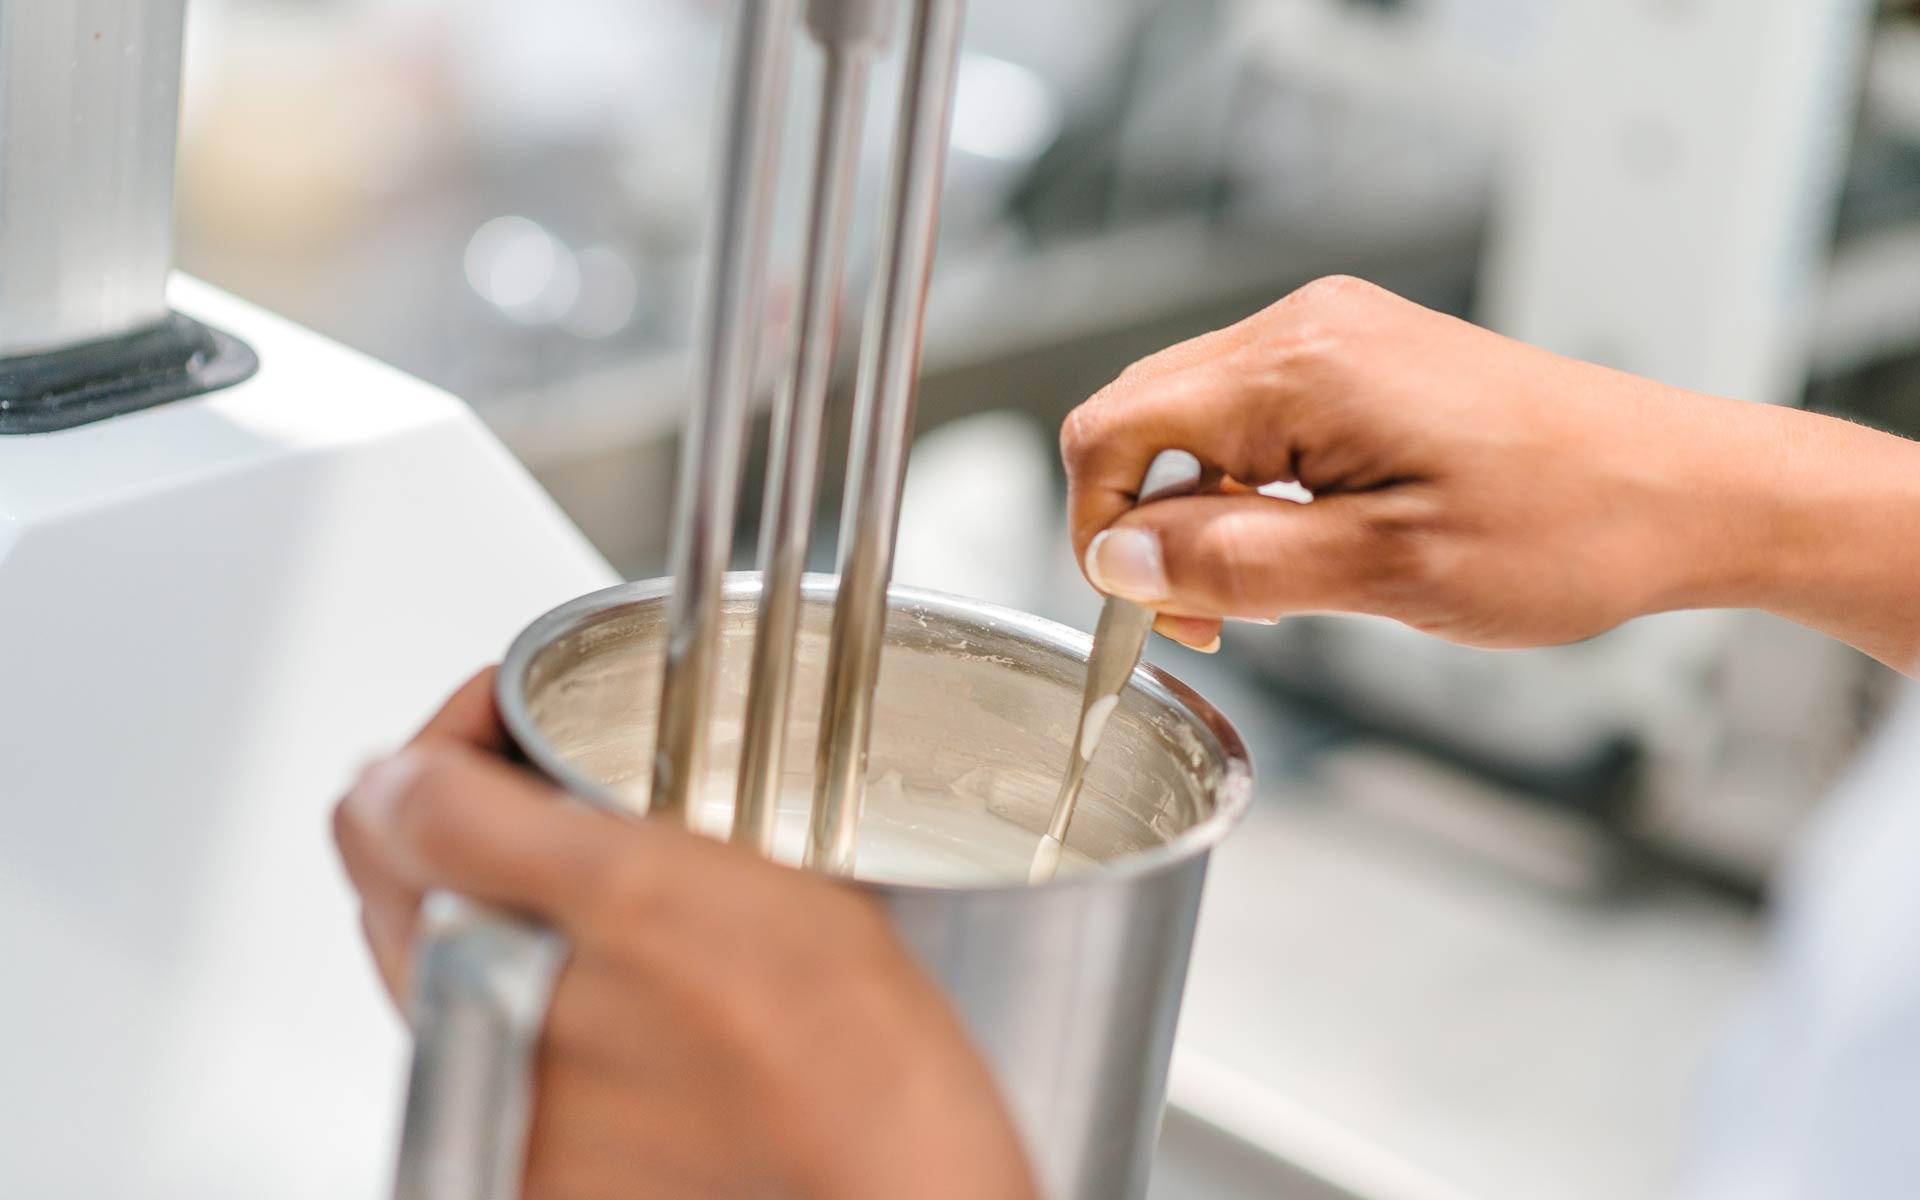 Il cliente segue tutte le fasi dello sviluppo della formulazione per la produzione cosmetici